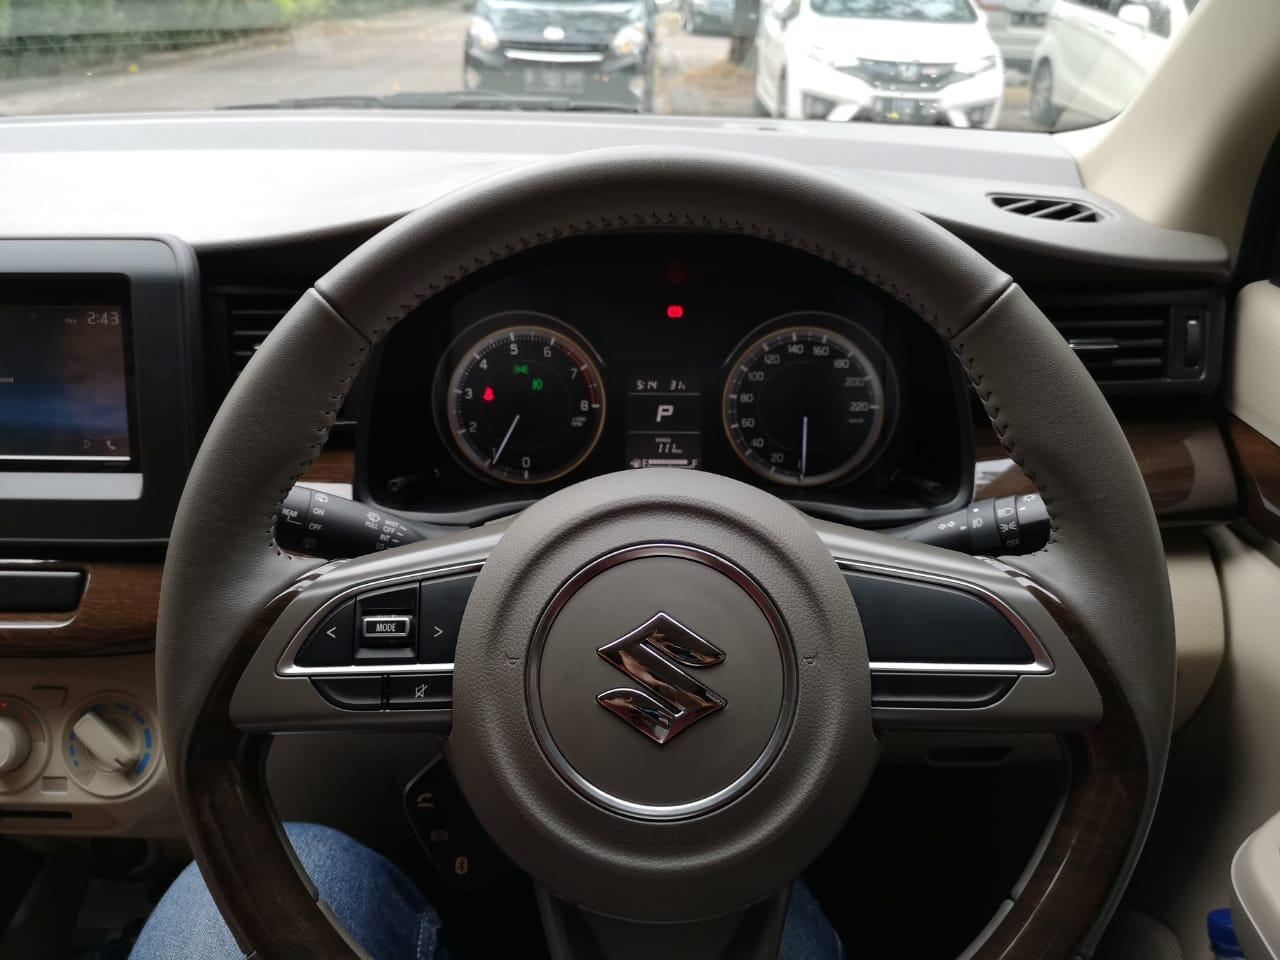 Safety Driving, Apakah Sulit? Ini Tips nya gan !